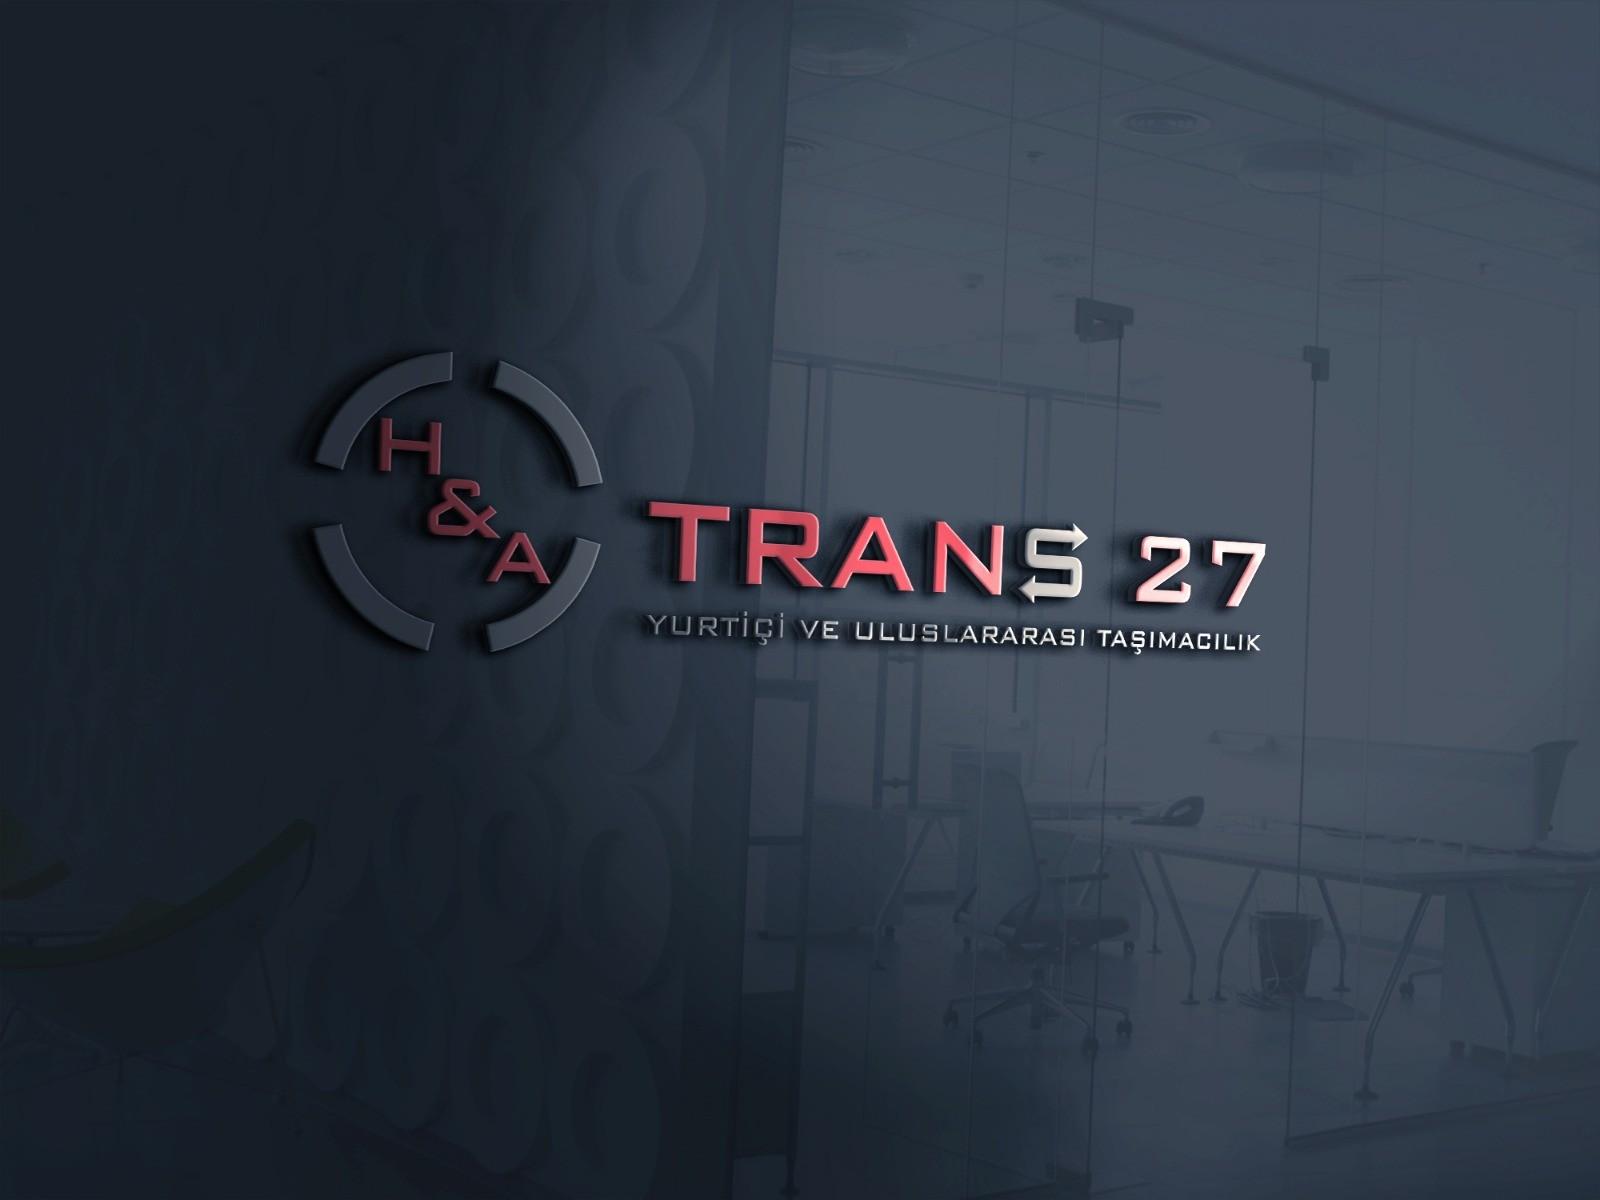 Trans 27 Nakliye